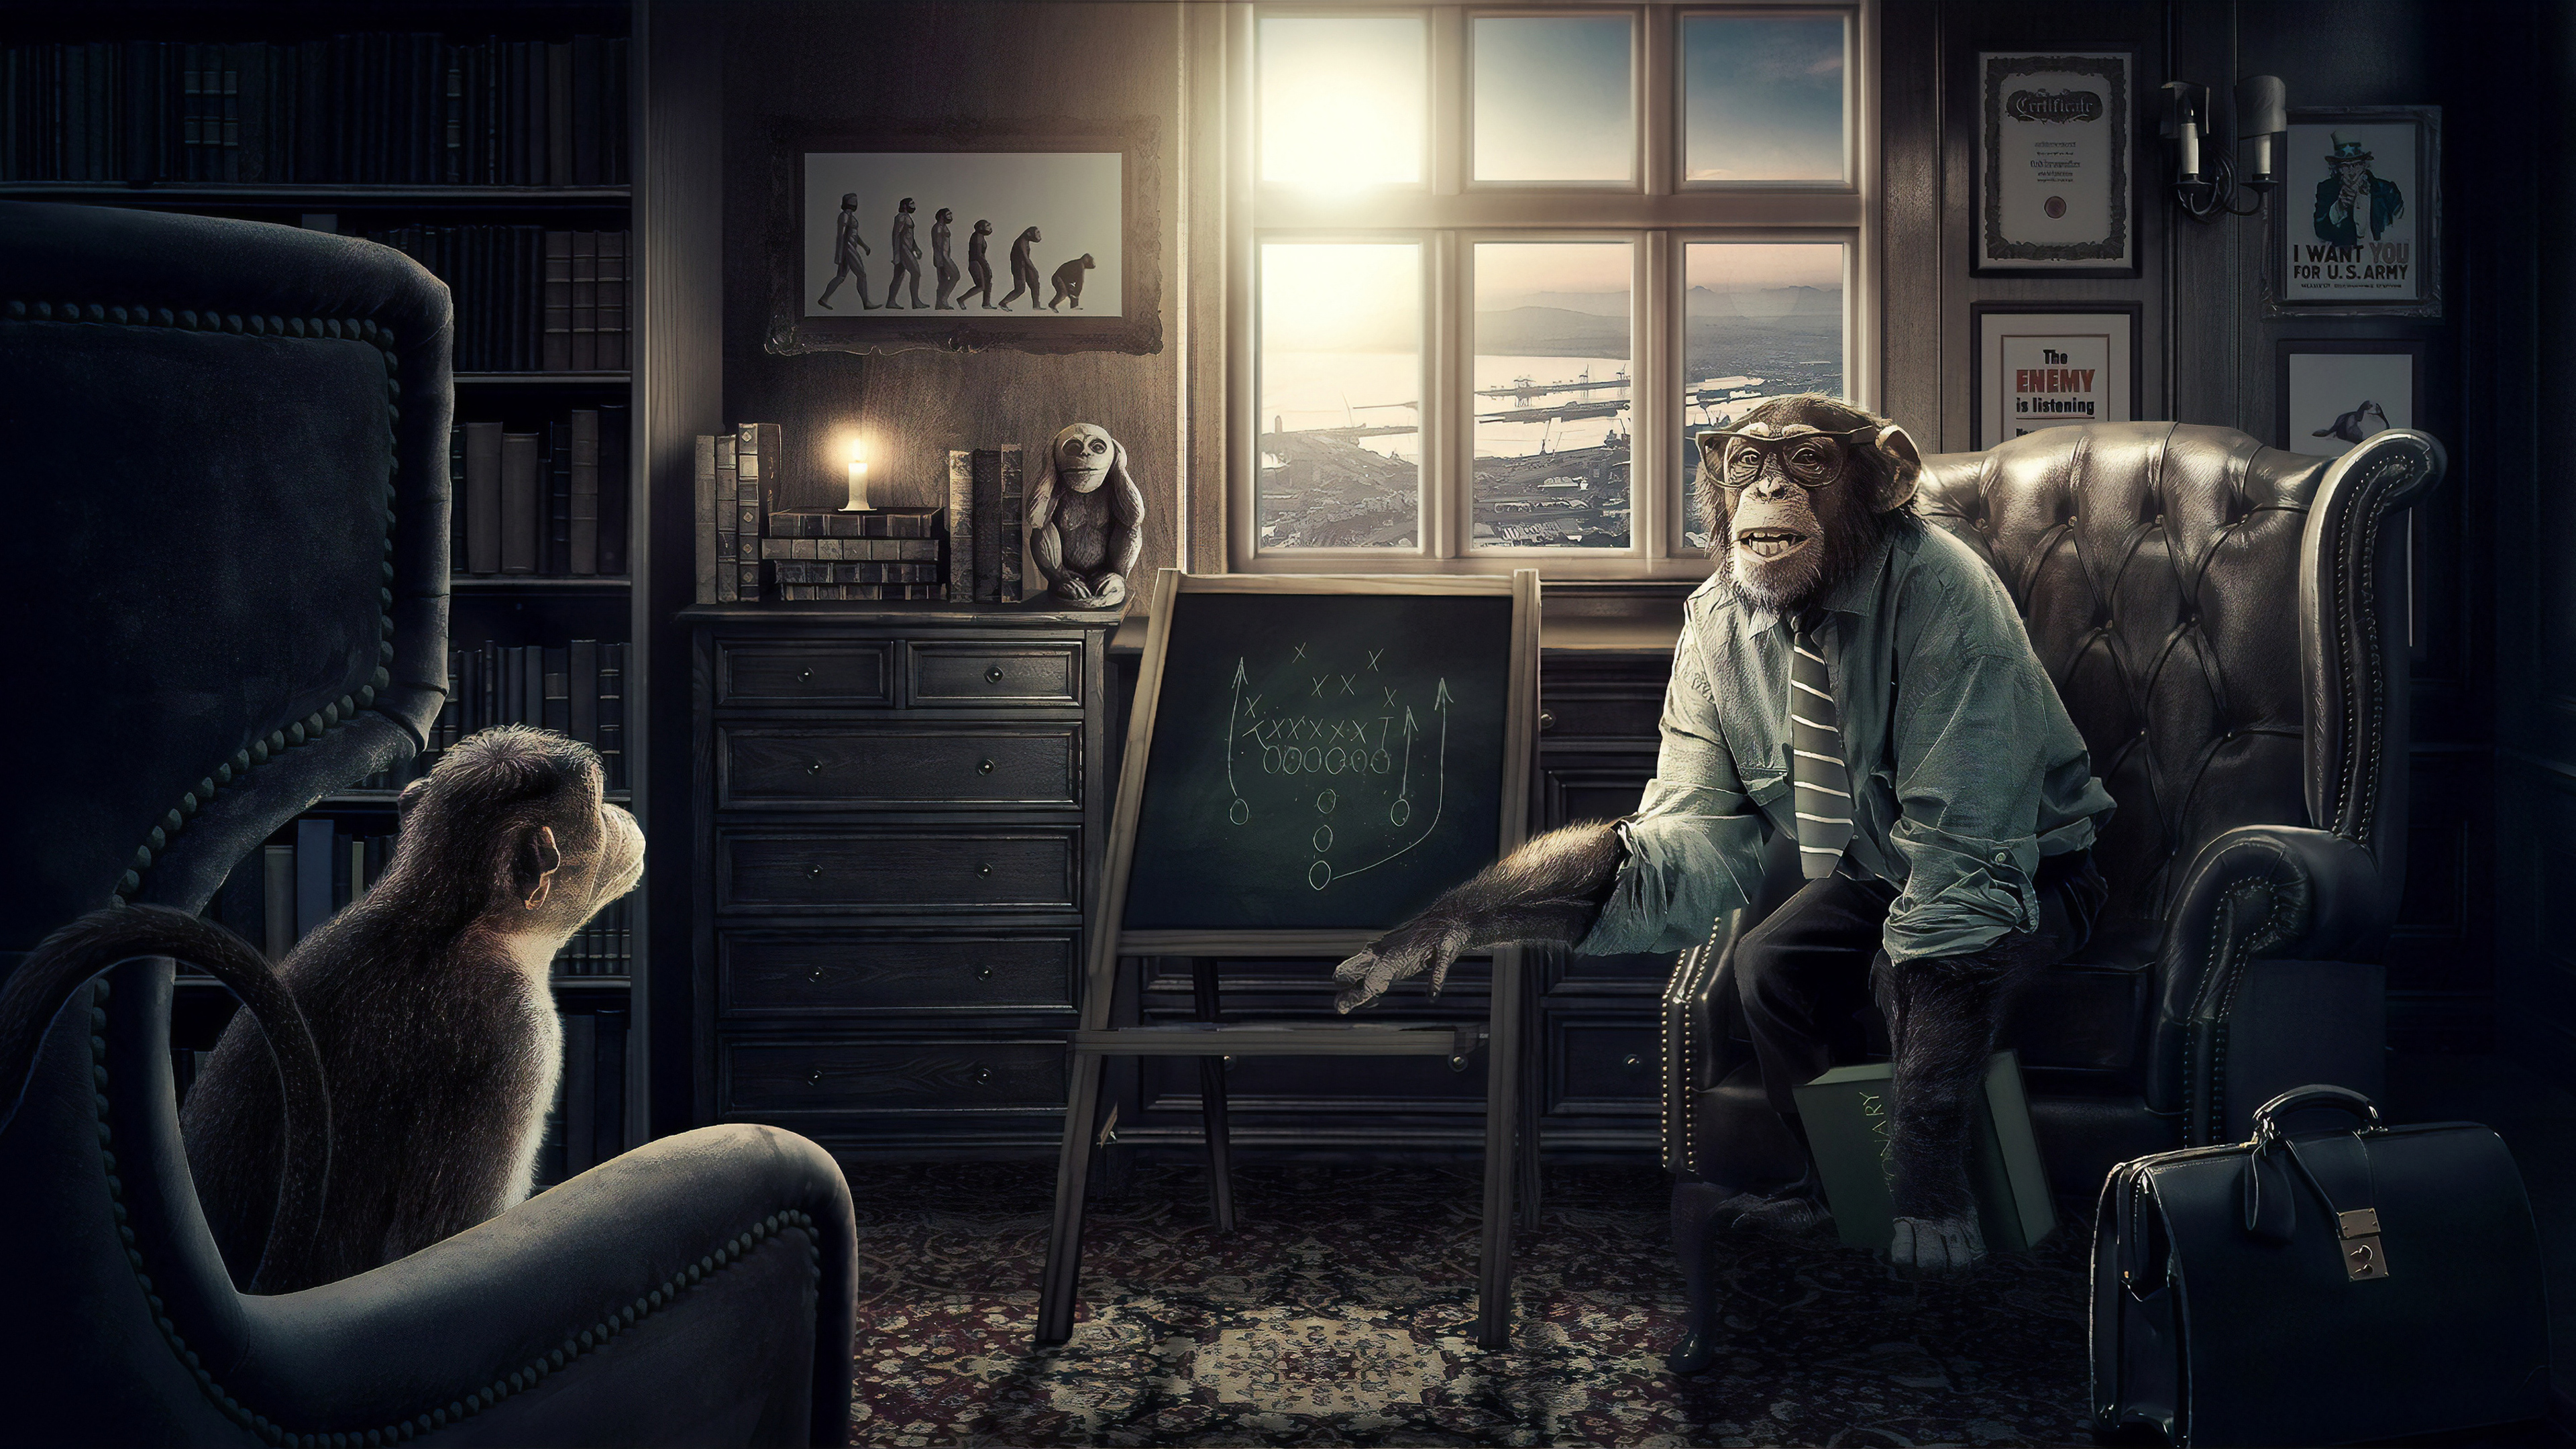 professor monkey 1560535255 - Professor Monkey - hd-wallpapers, digital art wallpapers, behance wallpapers, artist wallpapers, 4k-wallpapers